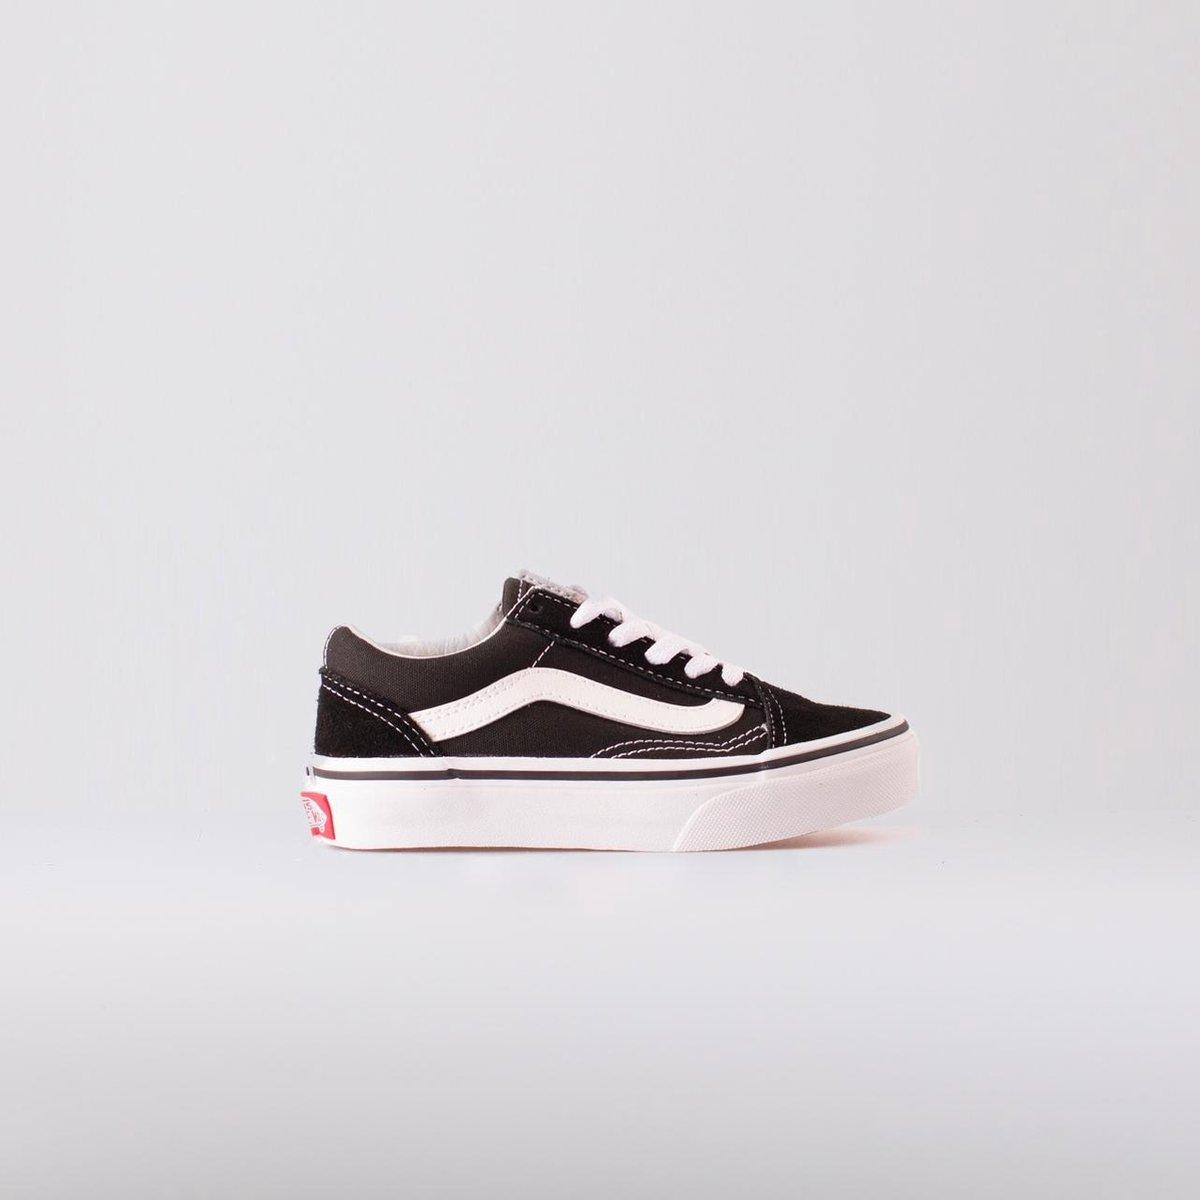 Vans Old Skool Sneakers Kinderen - Black/True White - Vans